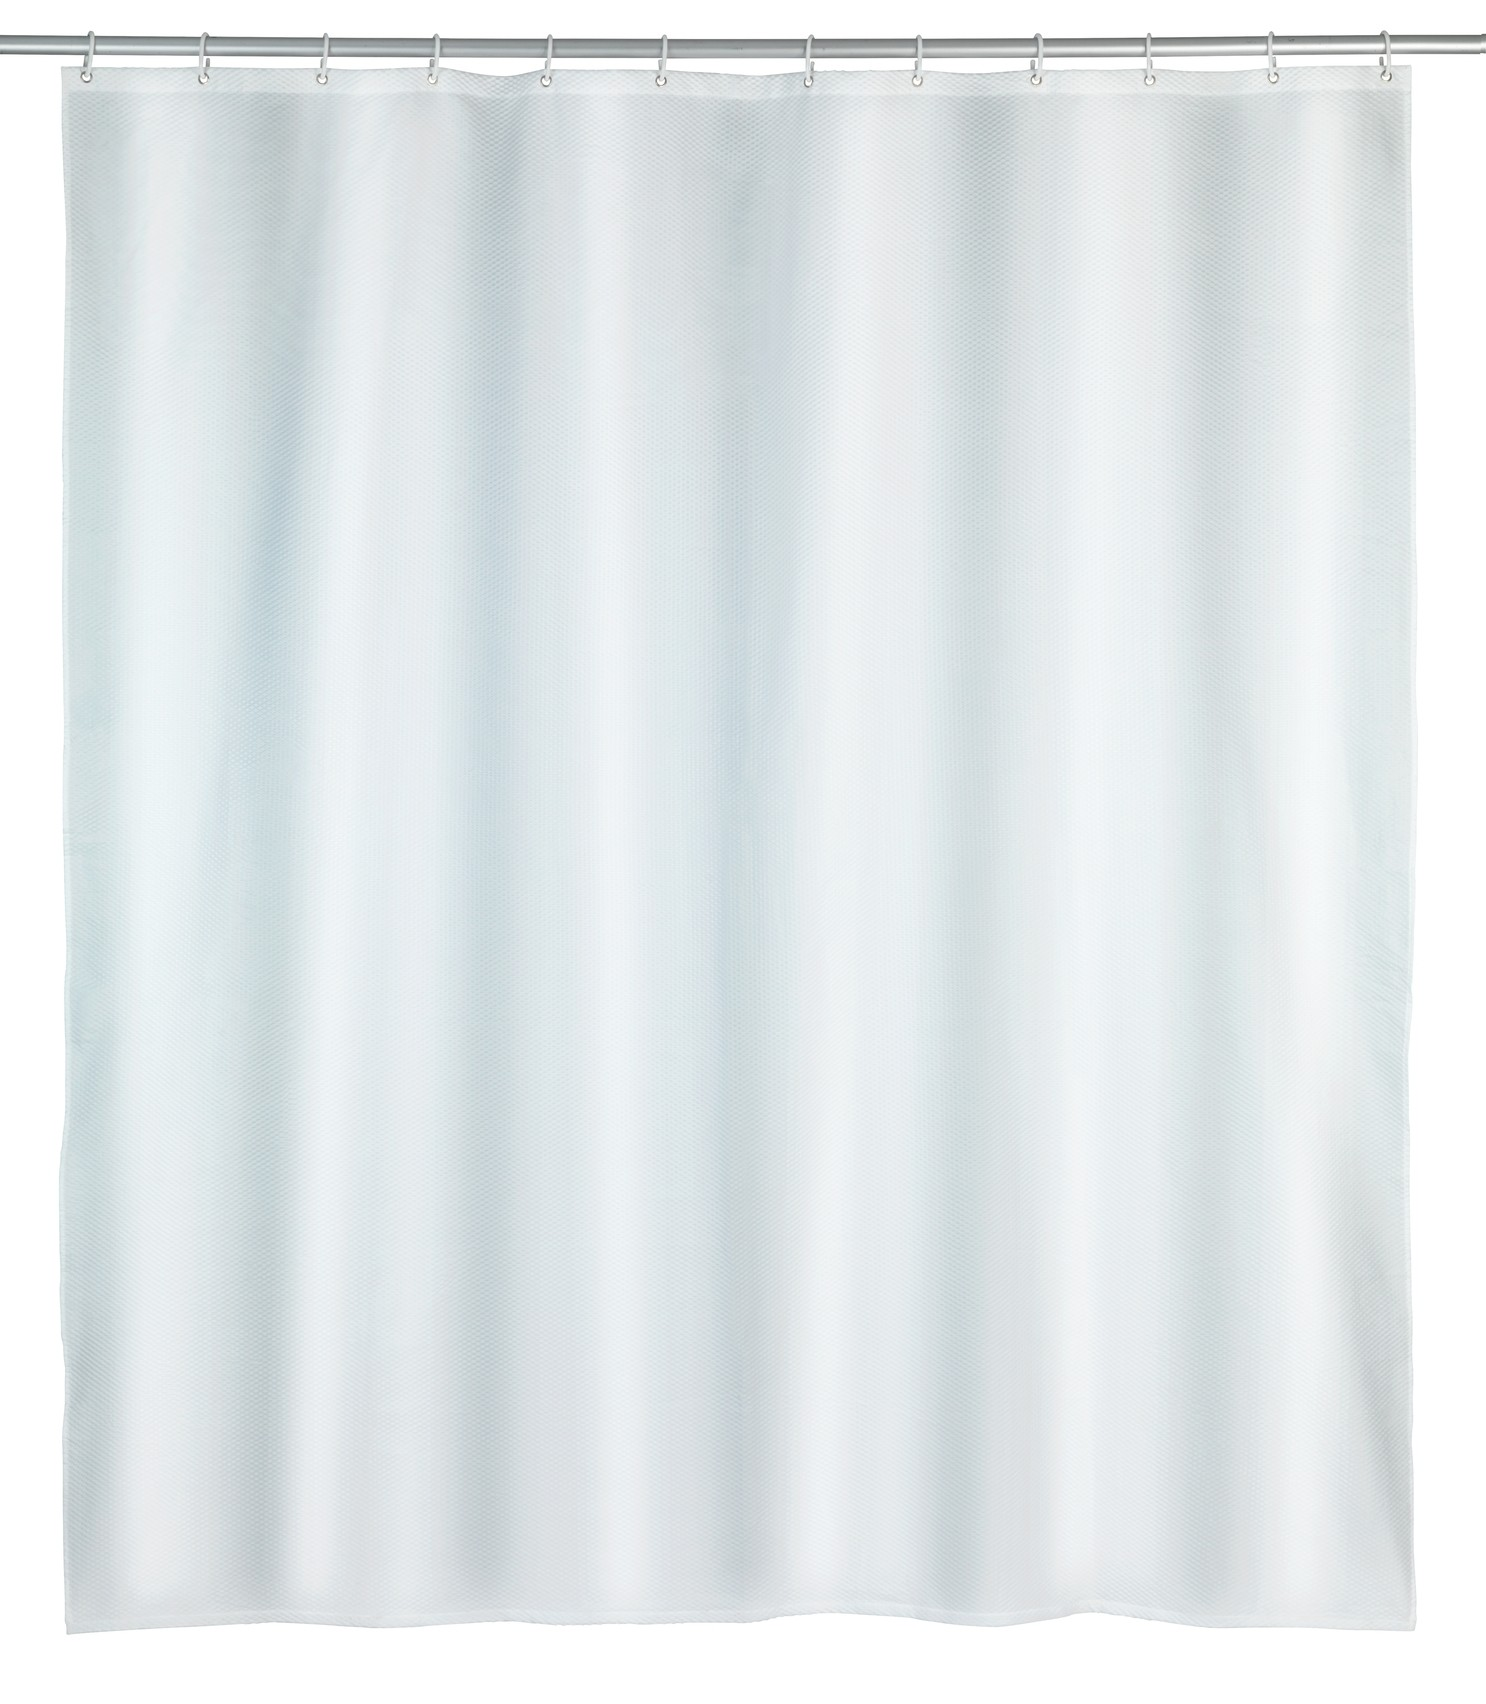 Wenko Duschvorhang Punto Weiß, Polyester, 180 x 200 cm, waschbar